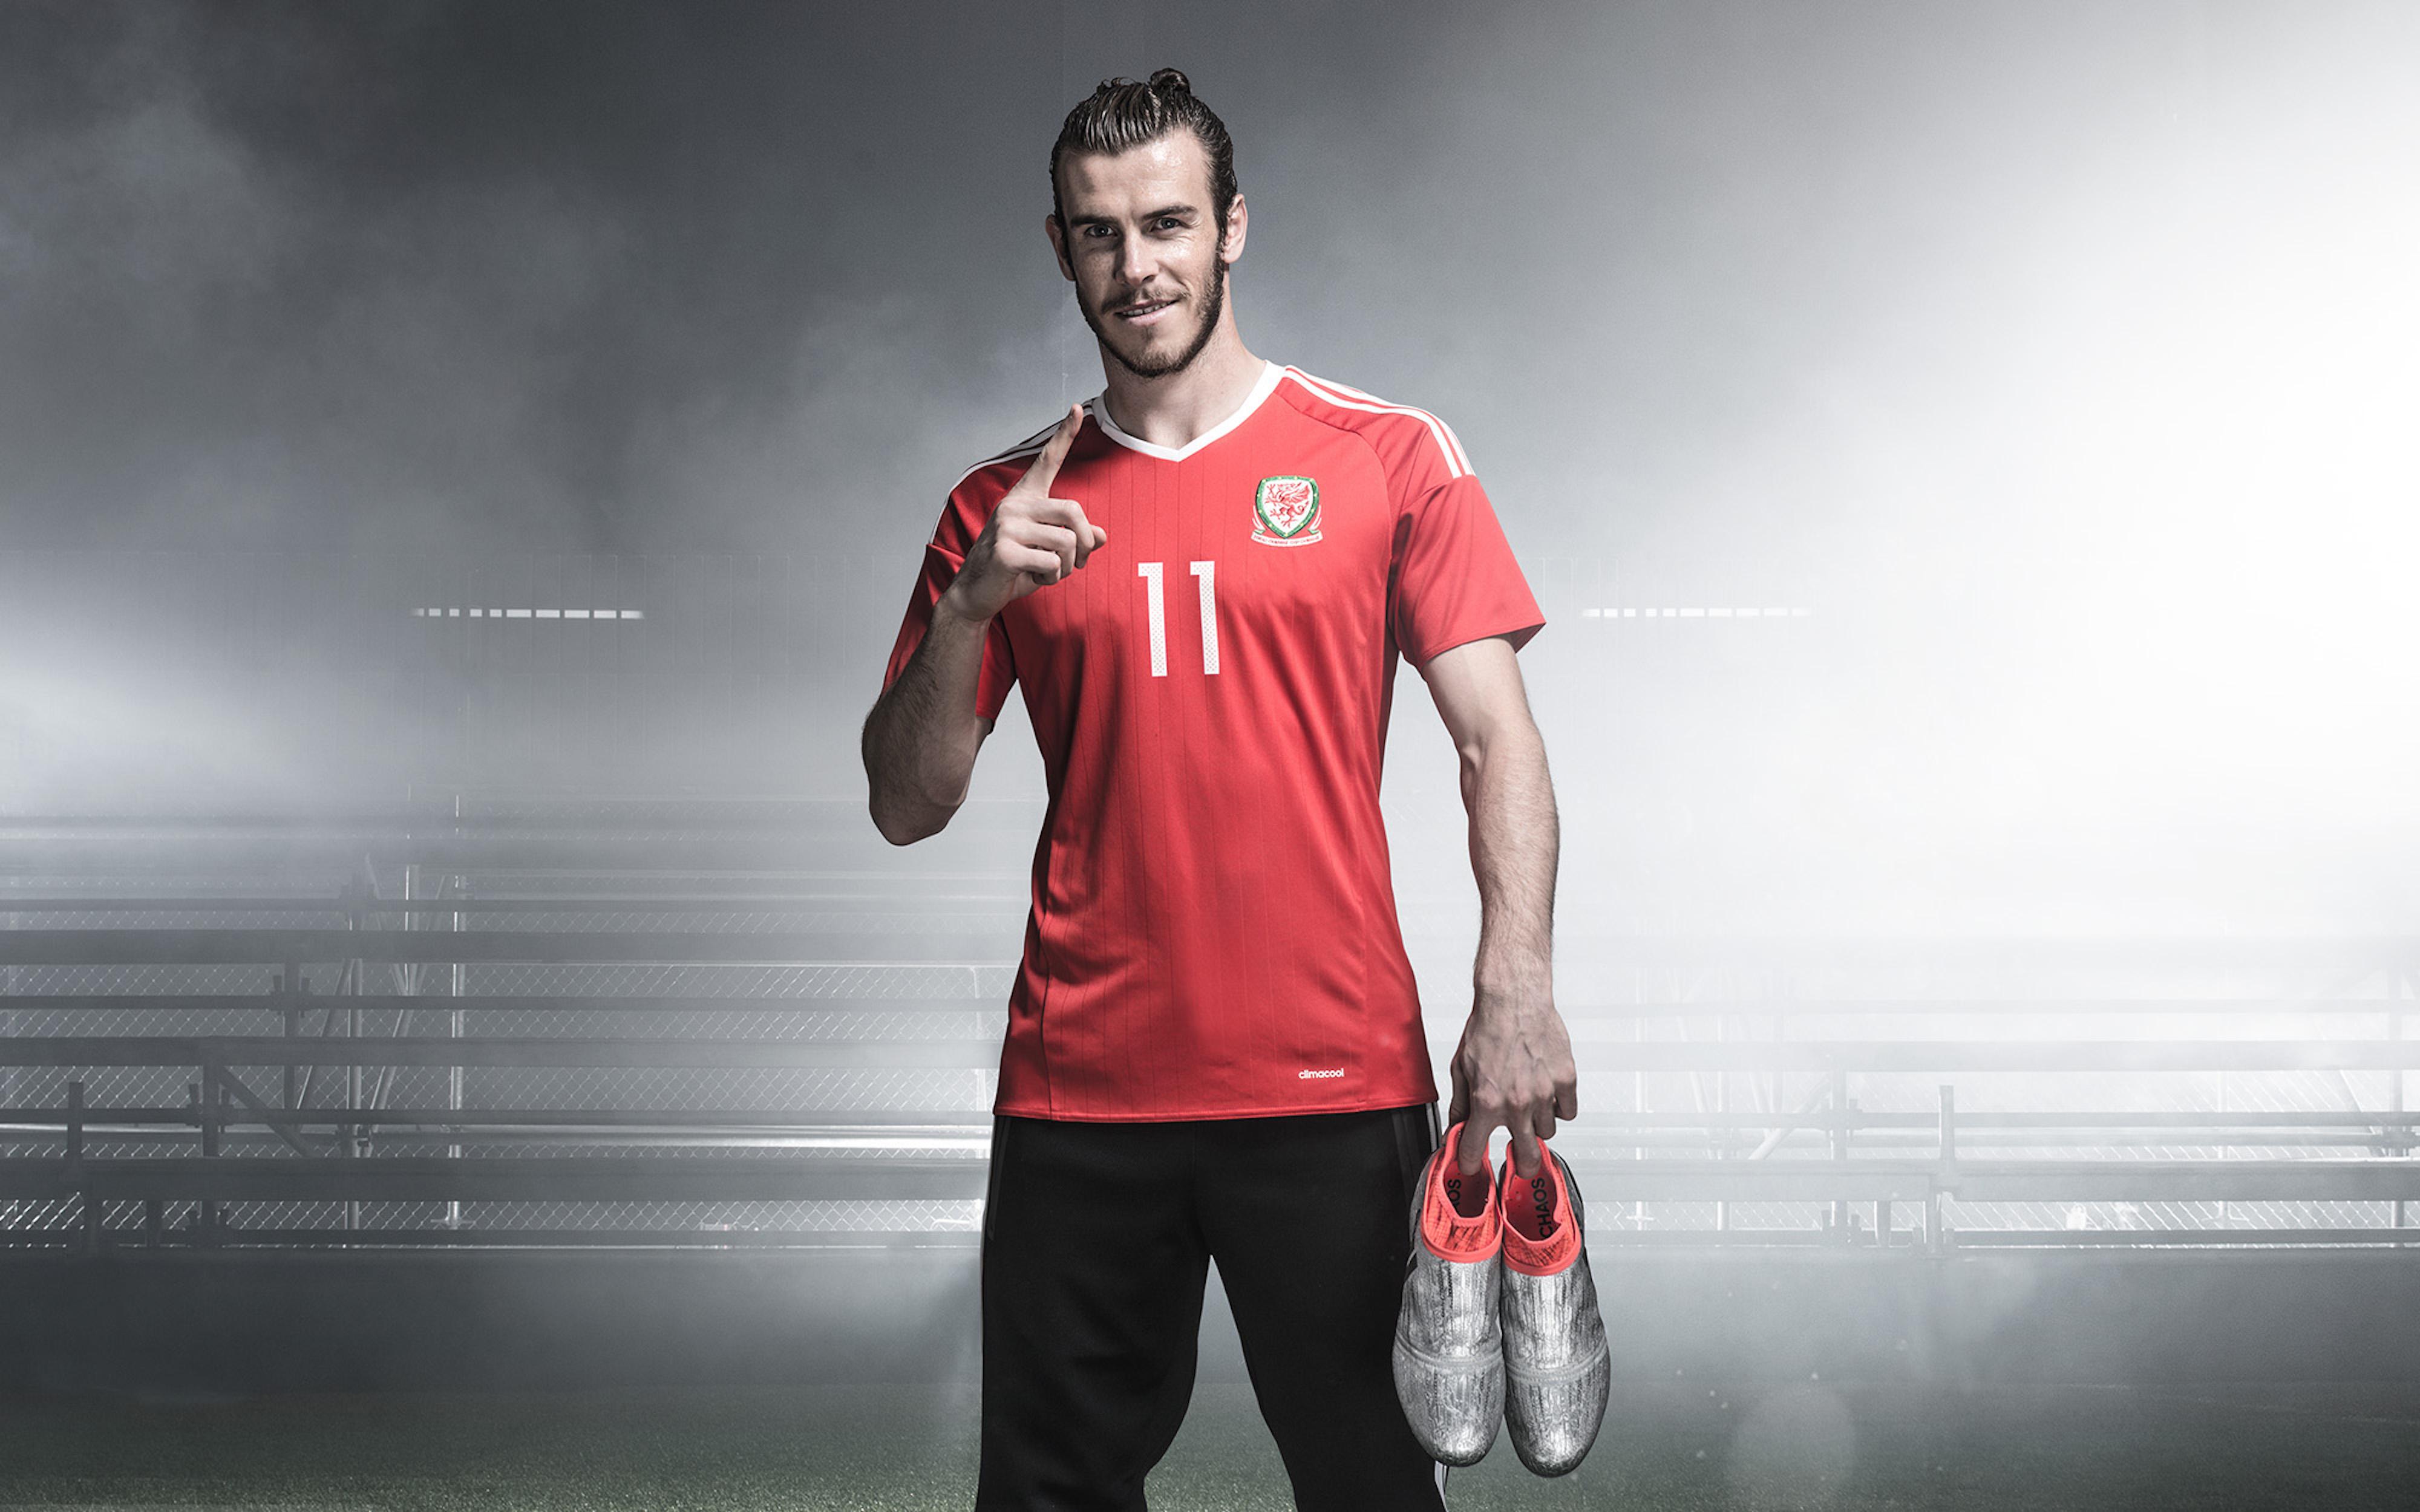 Gareth bale boots euro 2016 X16+ PURECHAOS adidas football